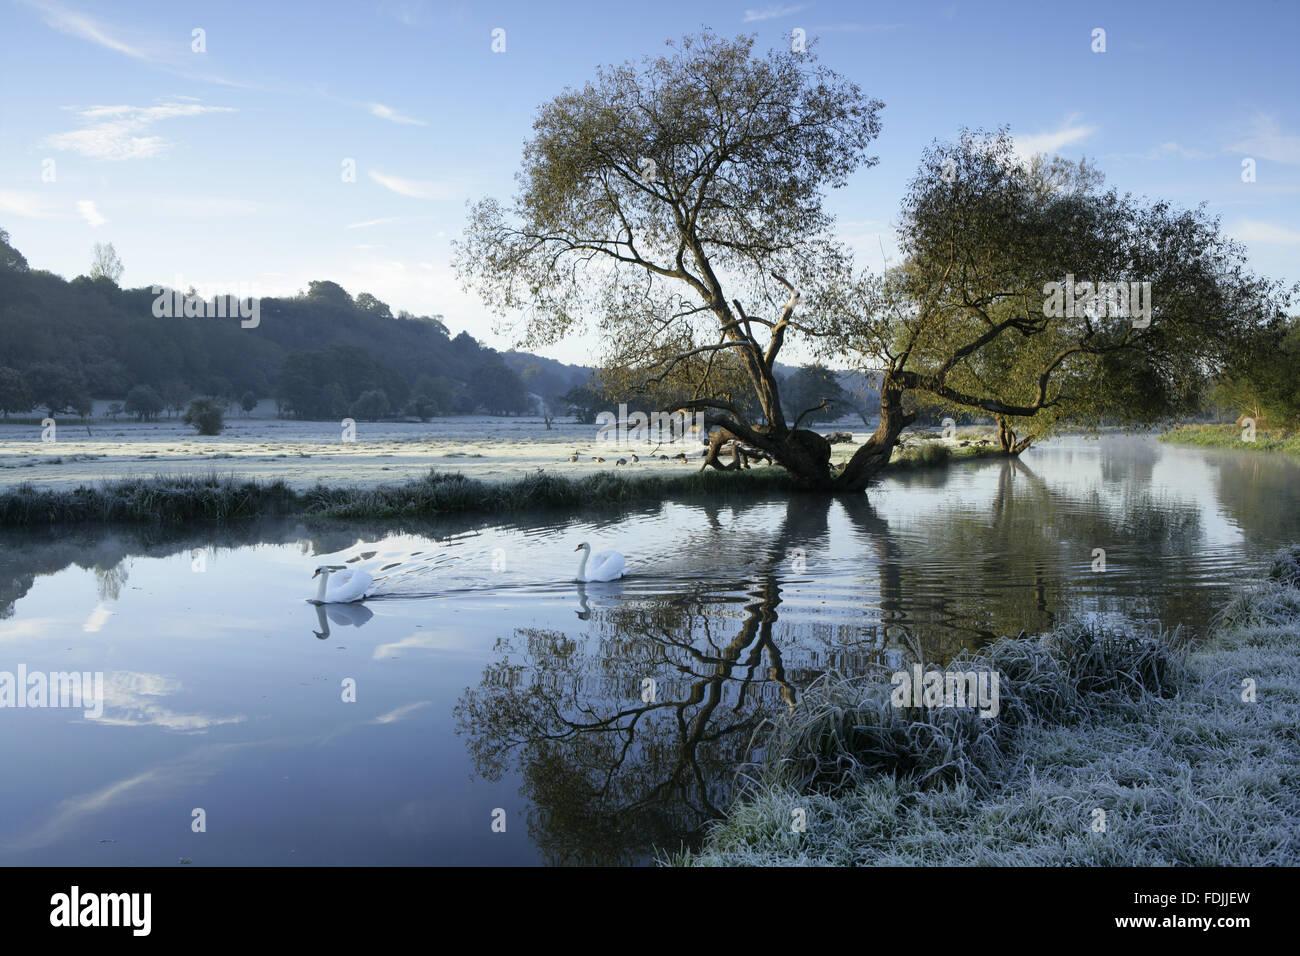 Einen frostigen Winter-Szene mit Schwäne gleiten auf dem Wasser in den Fluss Wey Navigationen, Surrey. Stockbild